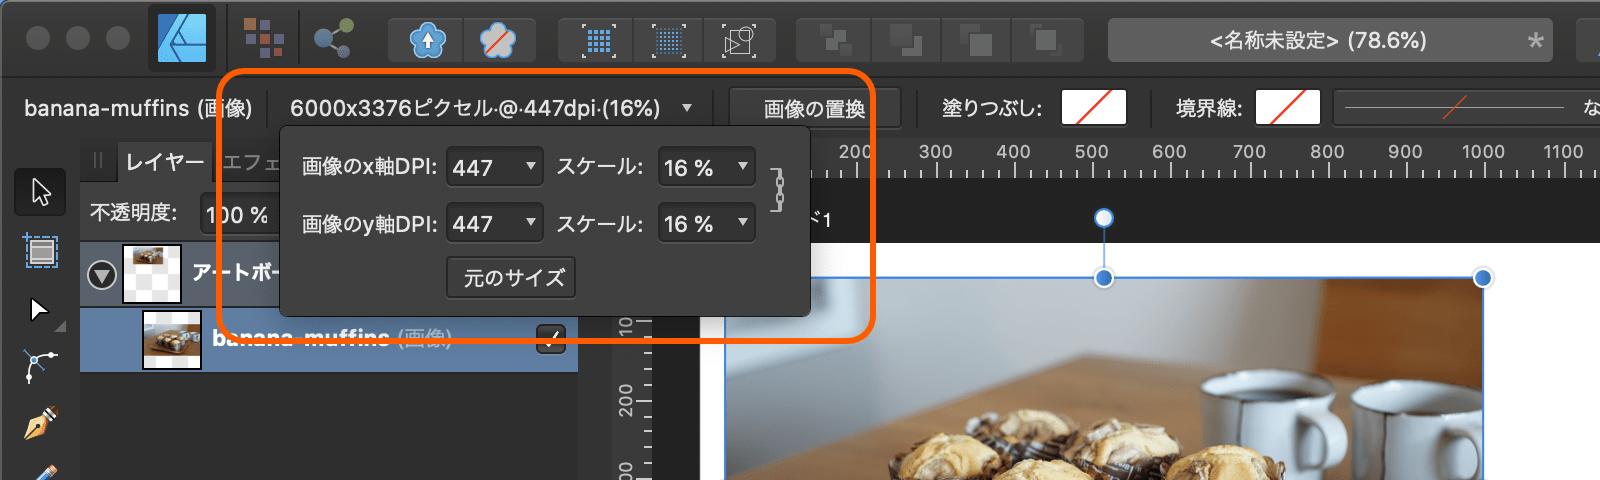 Affinity Designの画像レイヤーのコンテキストツールバーのメニューのキャプチャ画像